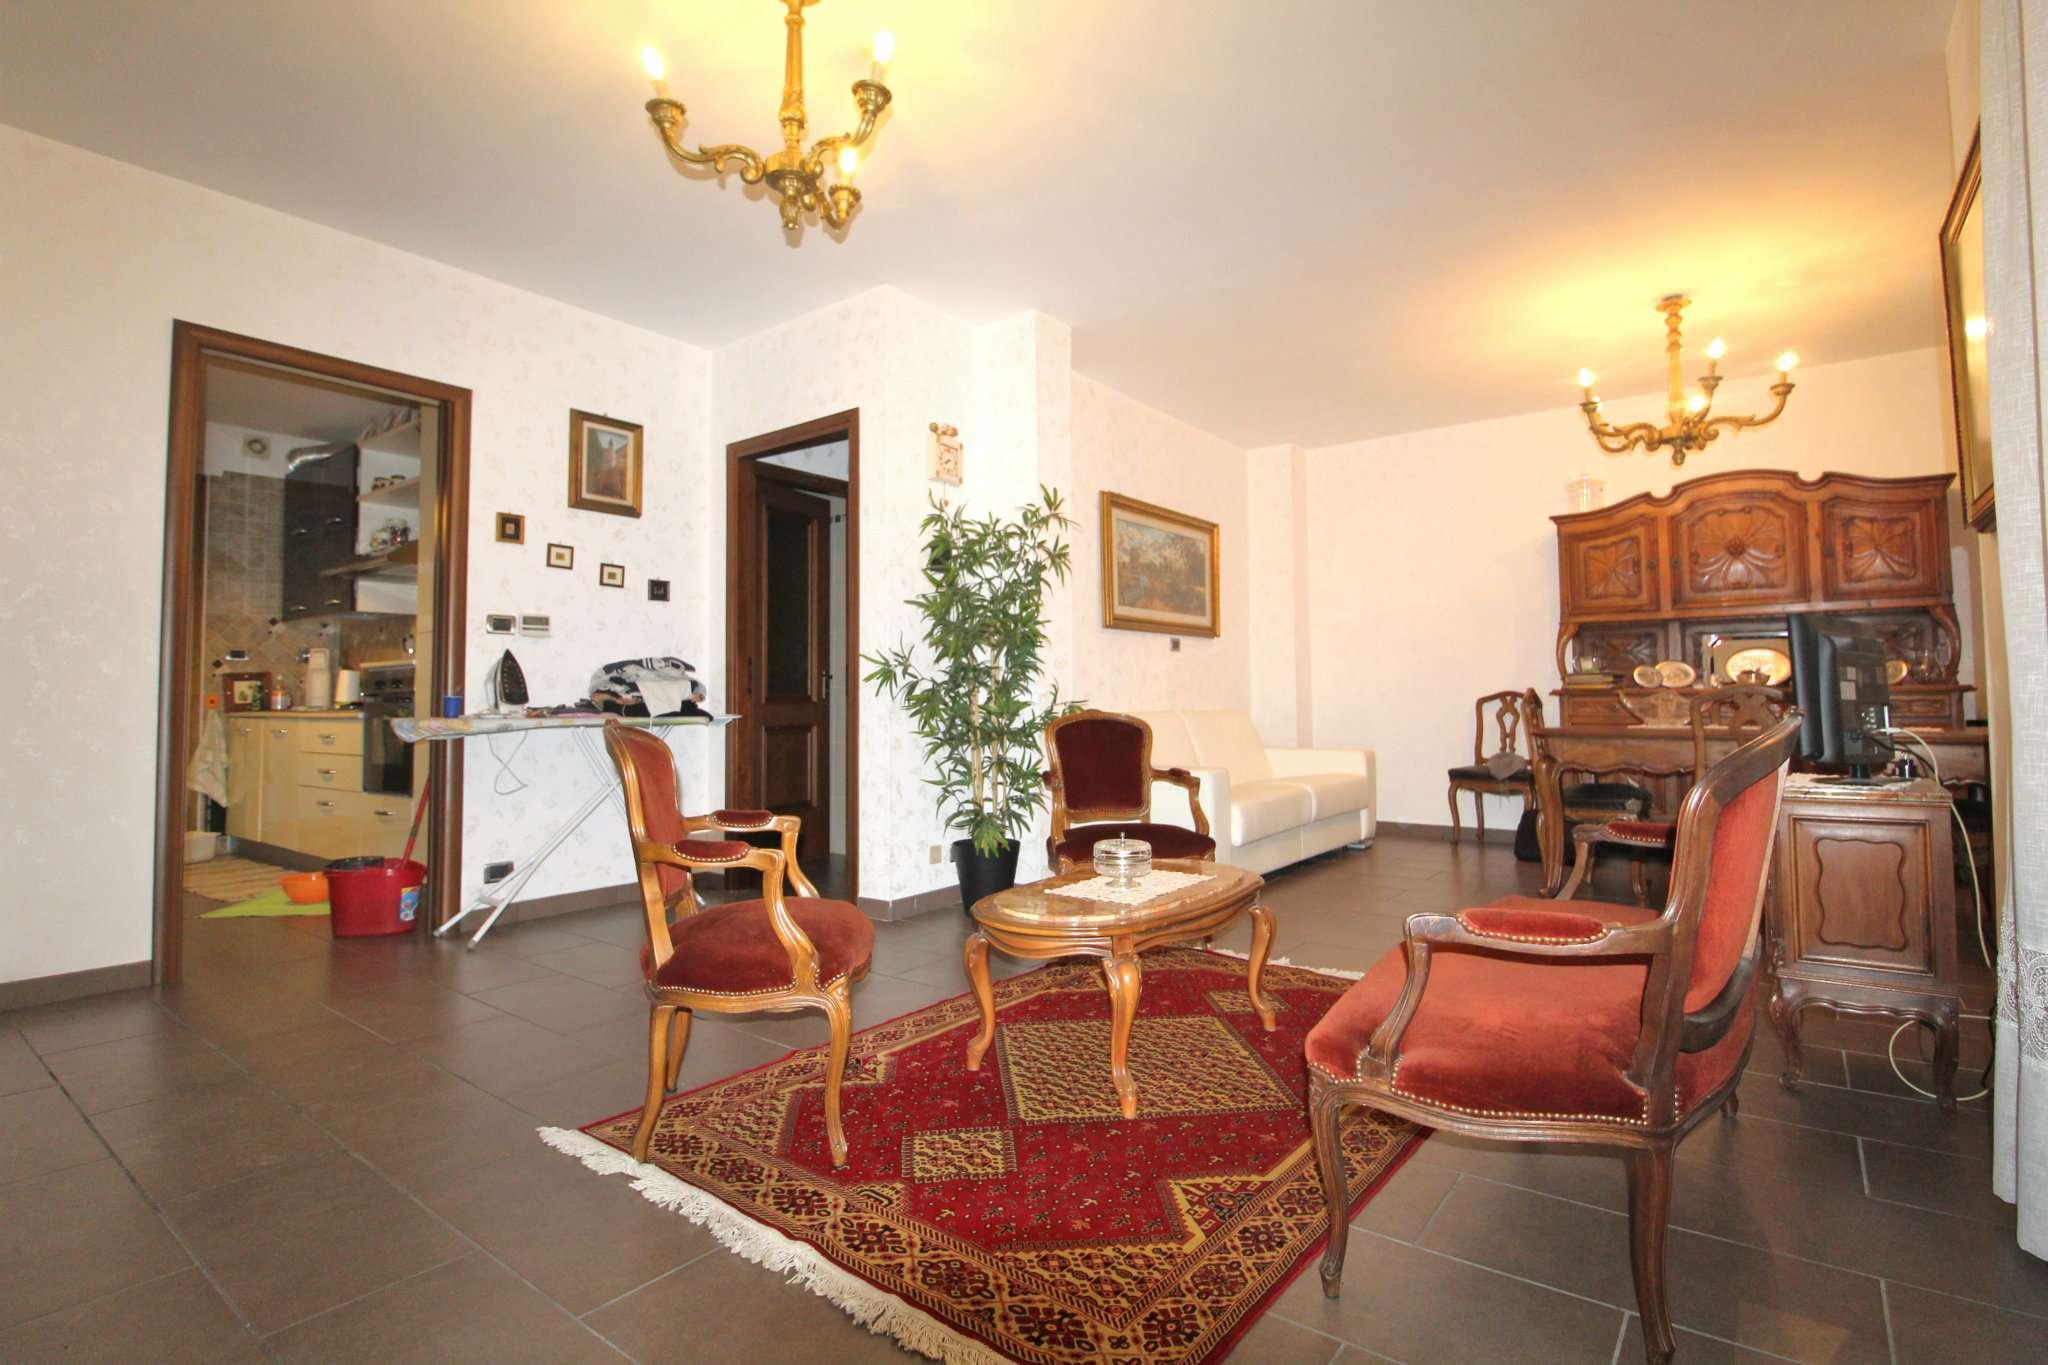 Appartamento in vendita a Candiolo, 5 locali, prezzo € 155.000 | CambioCasa.it